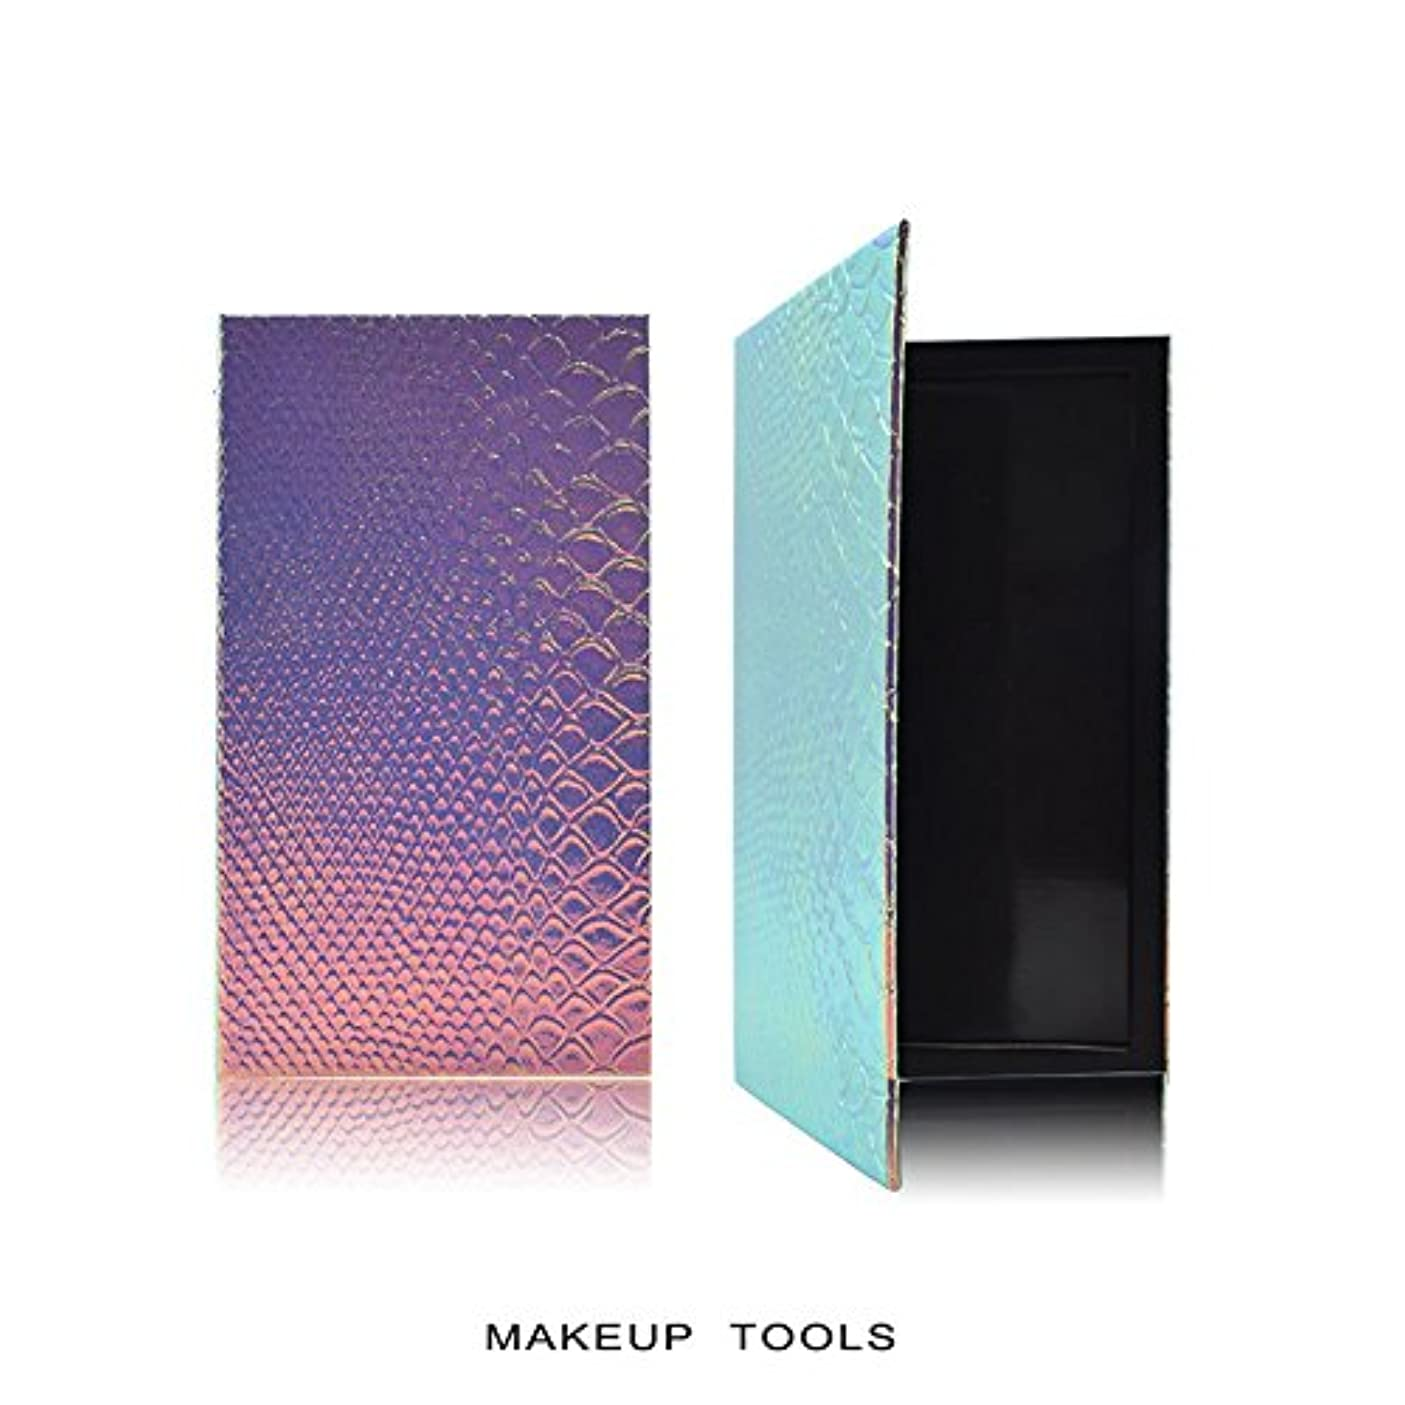 付与たぶん変換するRaiFu アイシャドウ パレット 化粧 空の磁気 自作携帯型 美容 化粧品の保管ツール うろこ 18*10CM